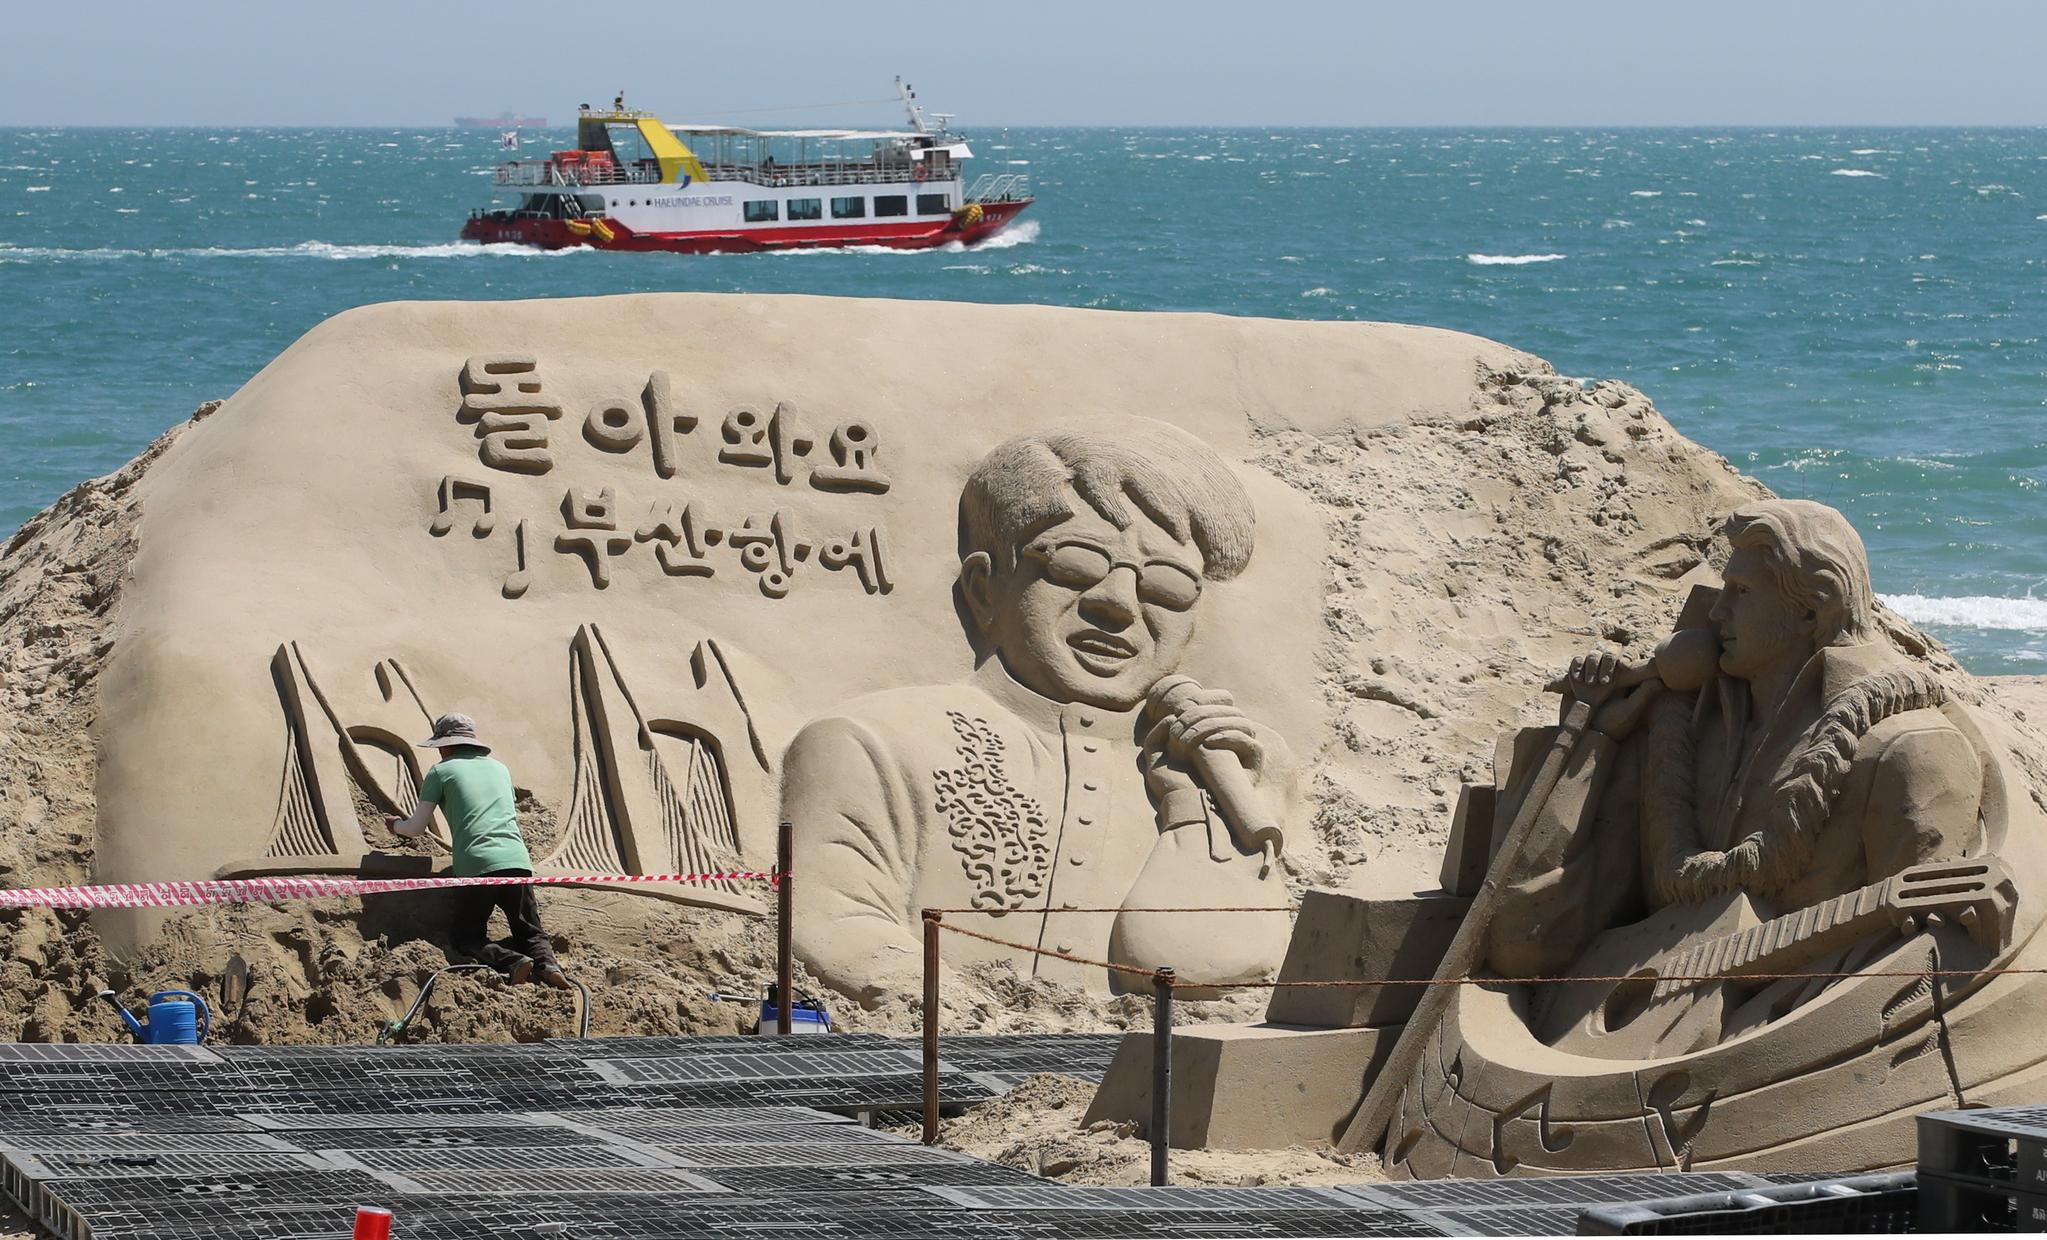 2019 해운대모래축제 준비가 한창 21일 국내외 작가들이 부산 해운대해수욕장에서 대형 모래조각을 완성하기 위해 구슬땀을 흘리고 있다. 송봉근 기자